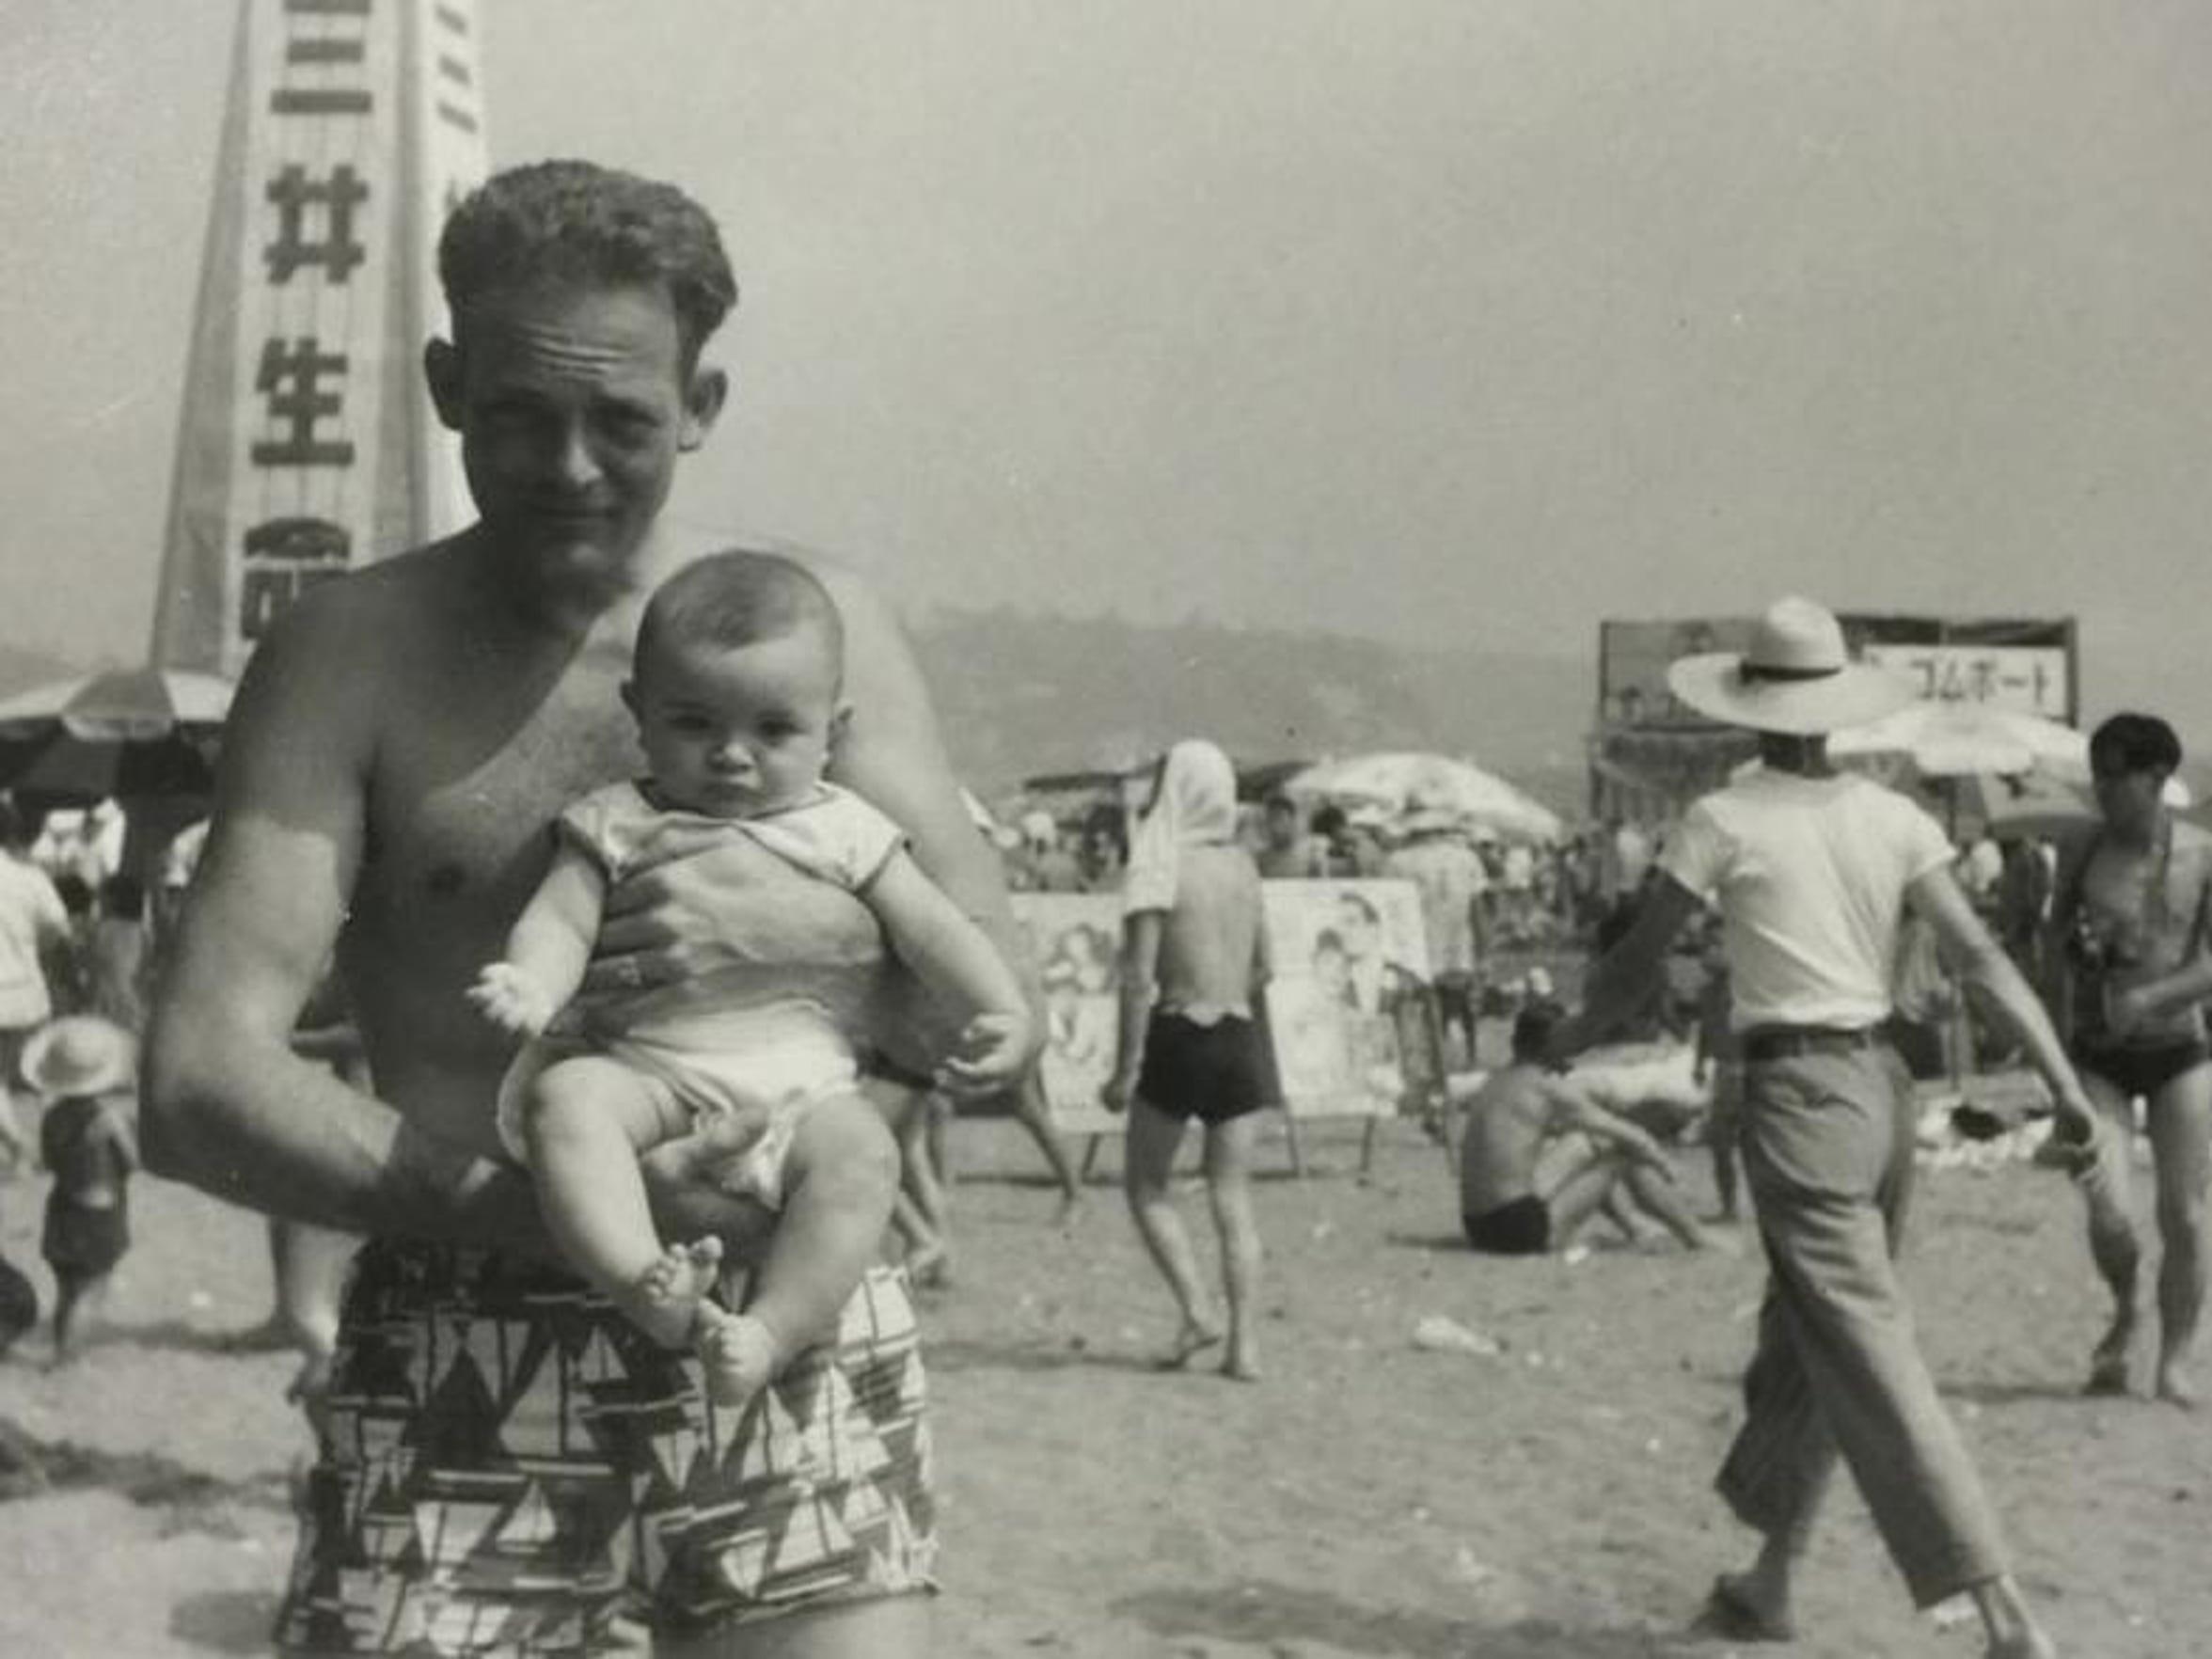 James Belcher Sr. and James Belcher Jr. at Kamakura